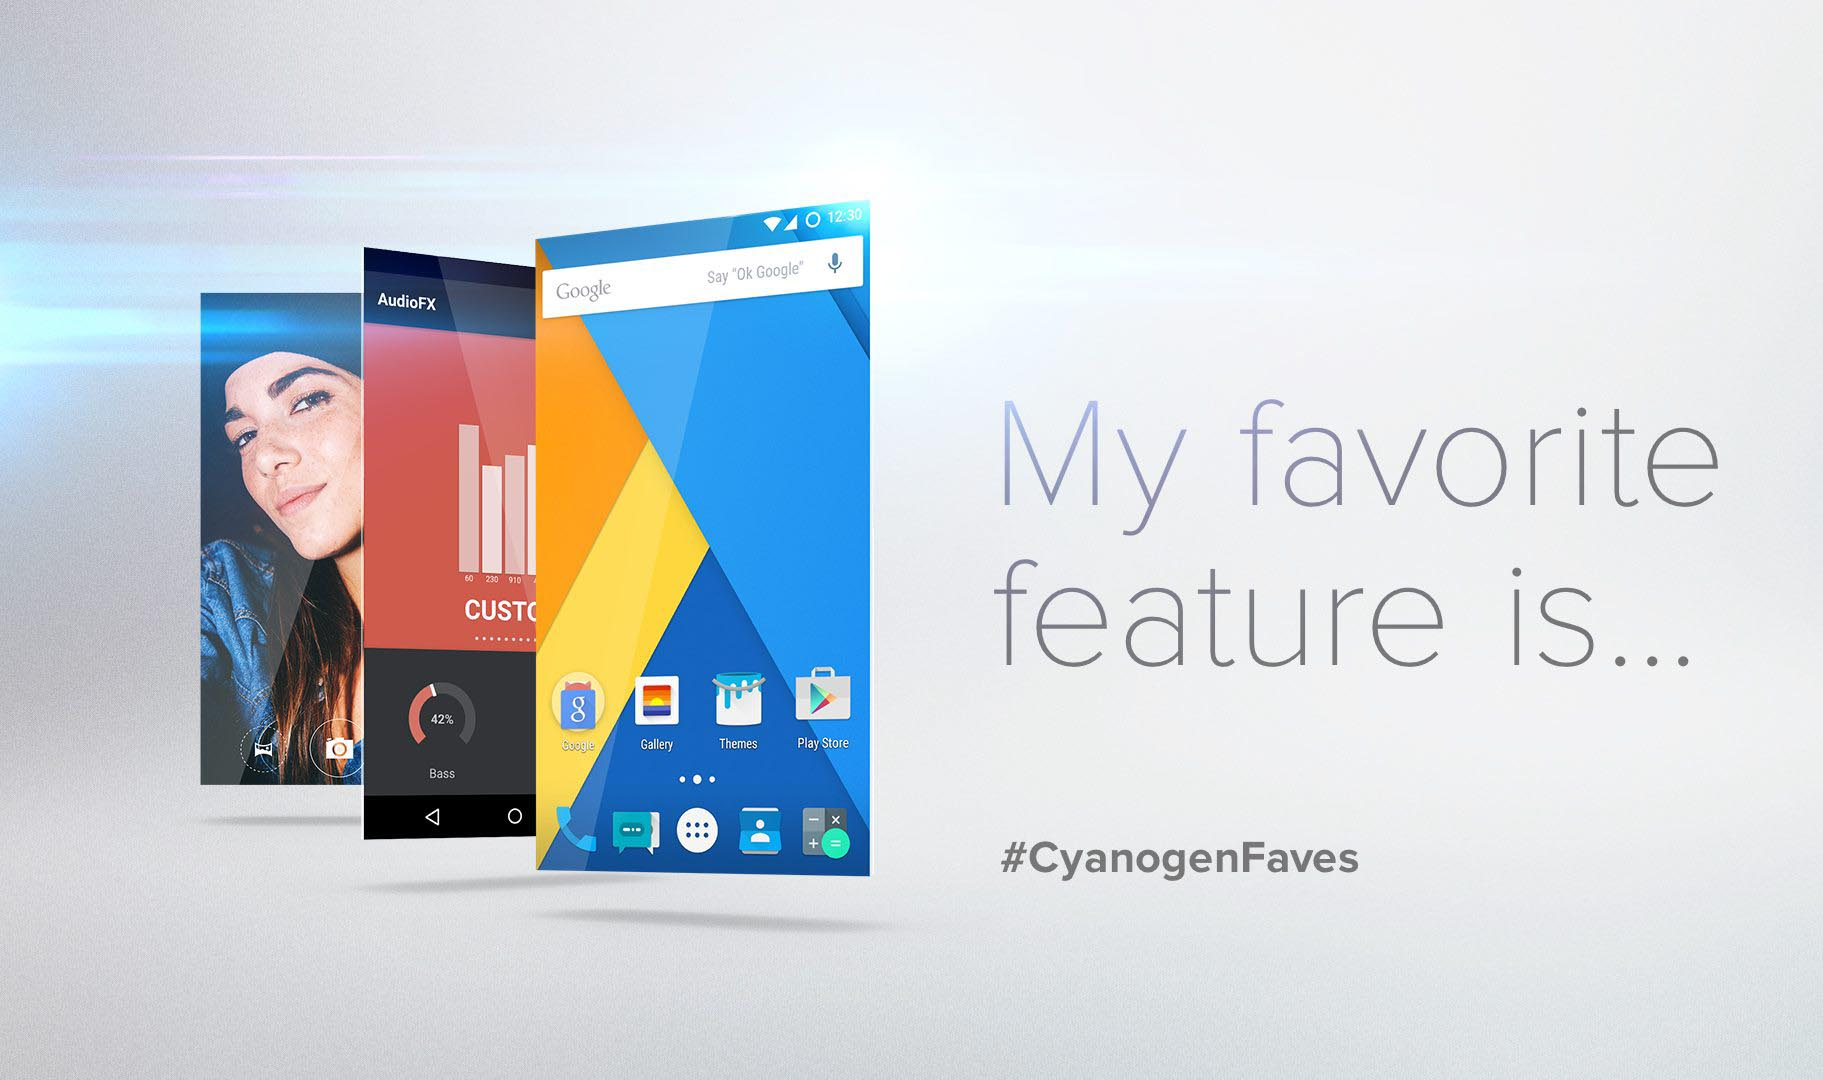 Cyanogen despide al 20% de la plantilla y se centrará en las apps